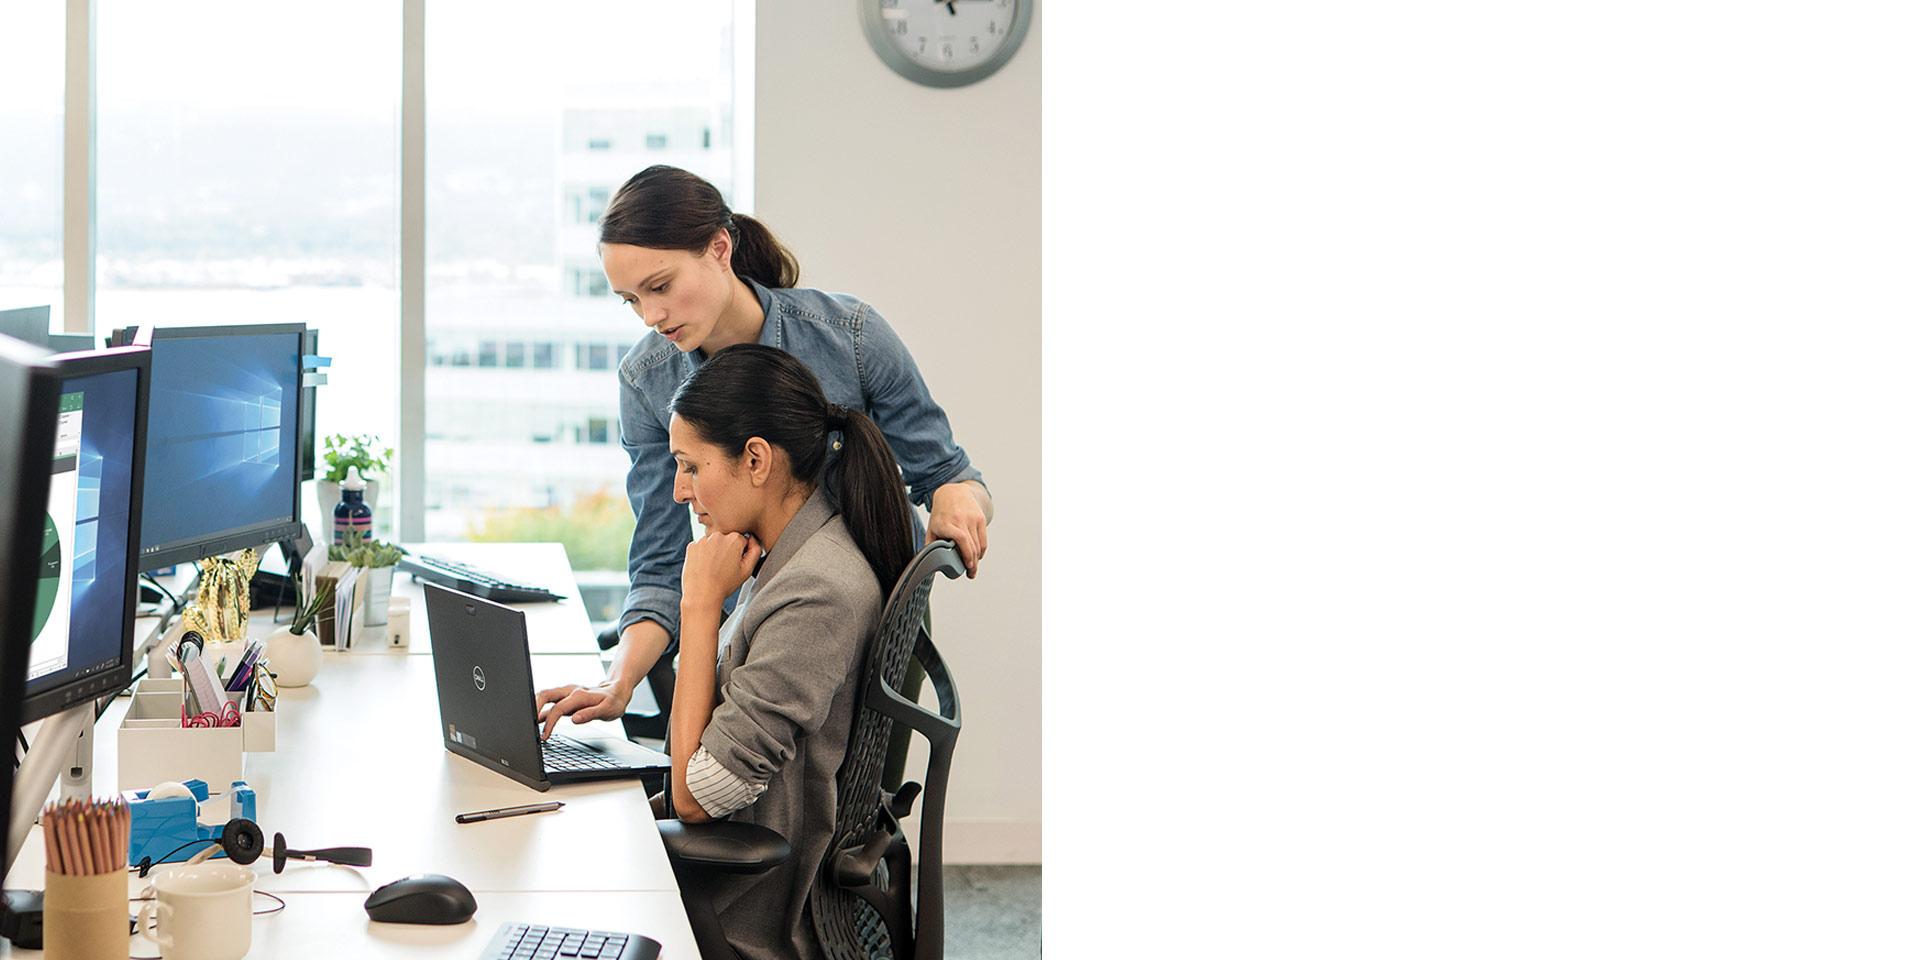 Dos mujeres que consultan una portátil